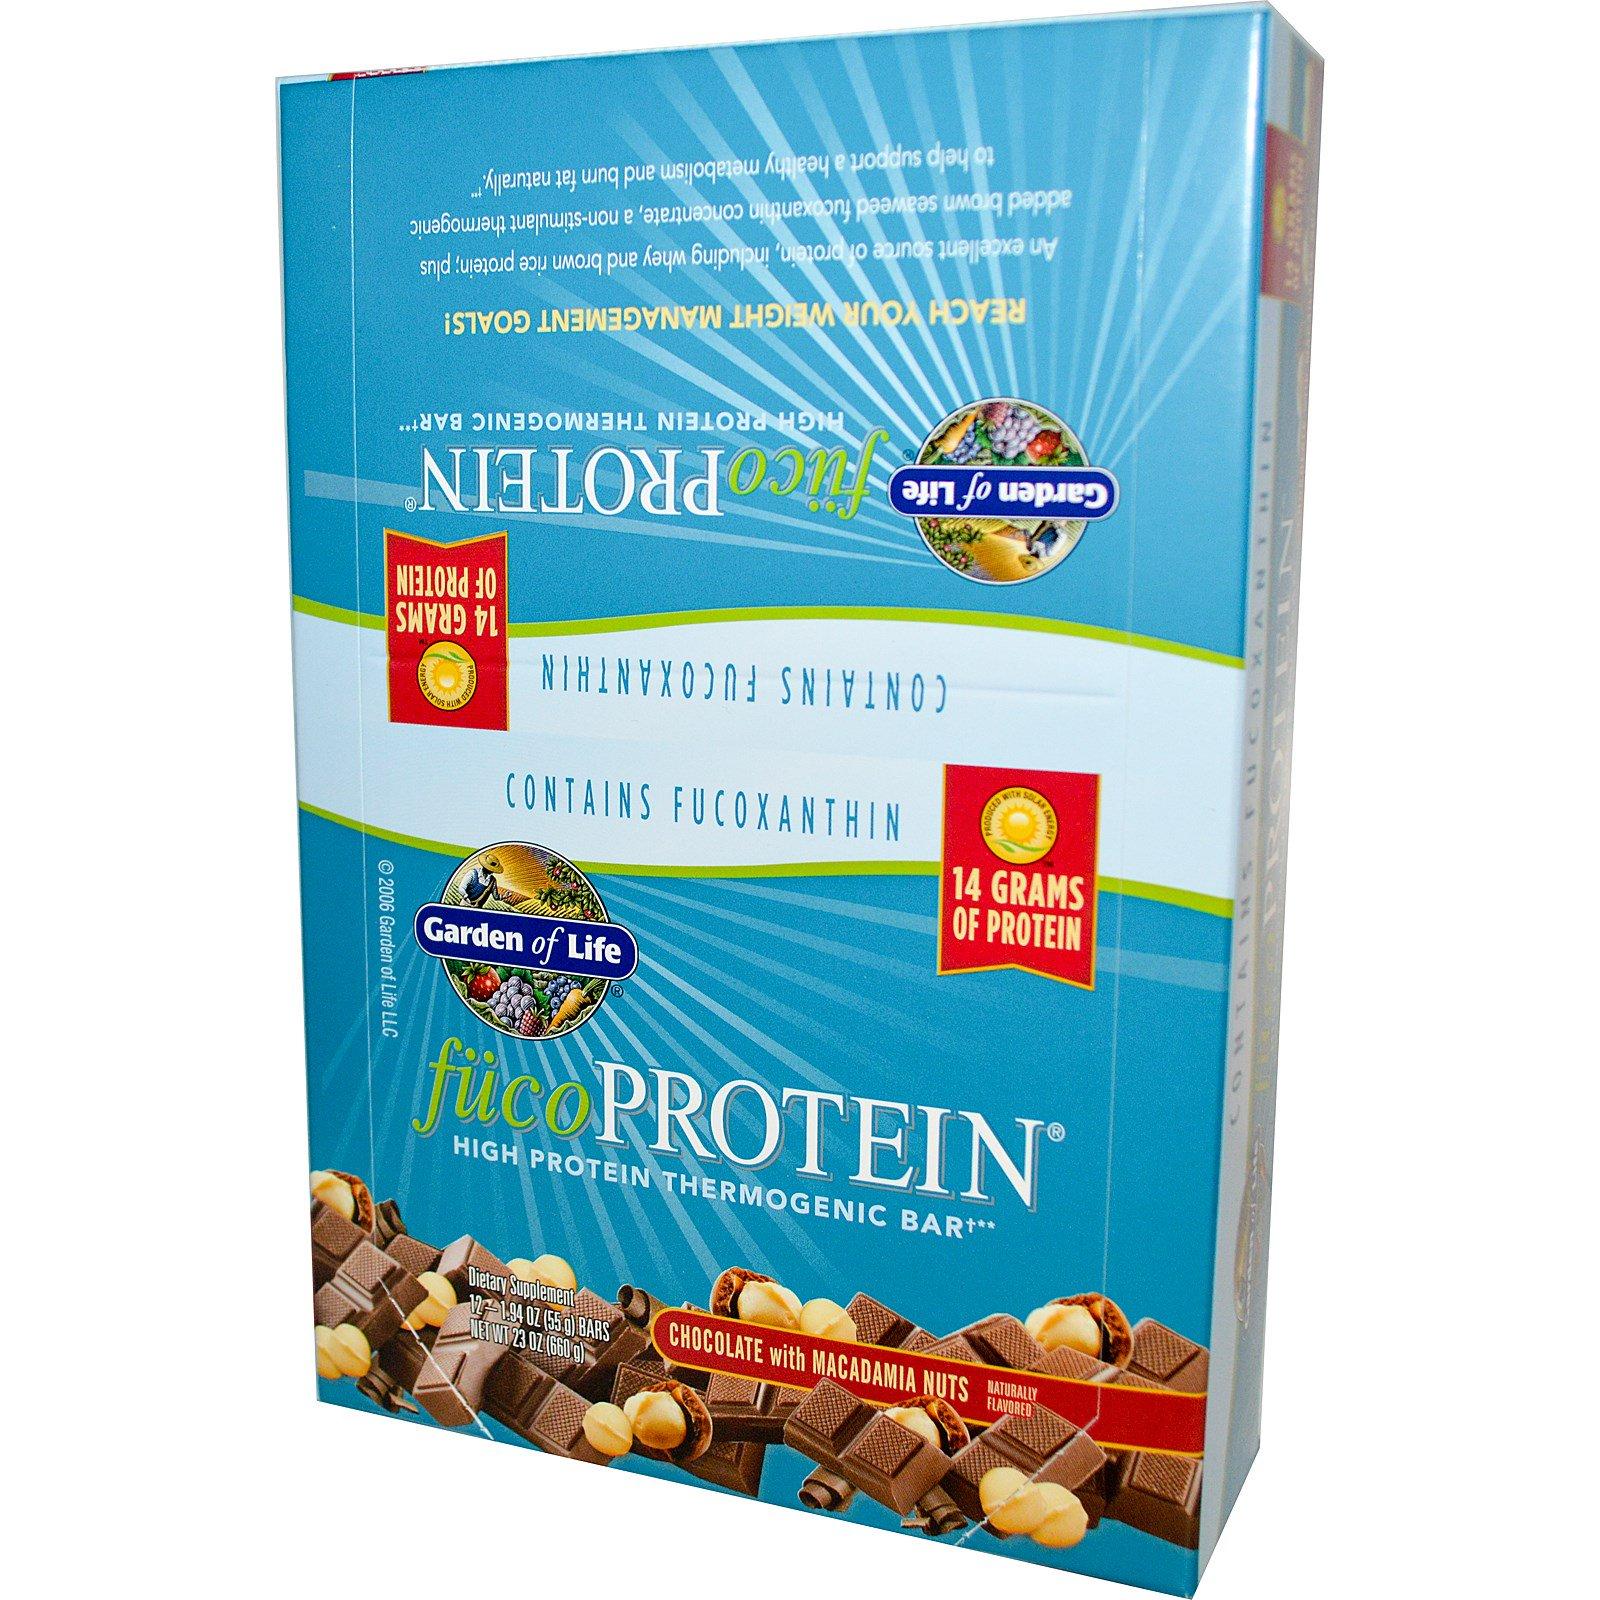 Garden of Life, ФукоПротеин, термогенный батончик с высоким содержанием белка, шоколад с макадамией, 12 батончиков, 55 г каждый